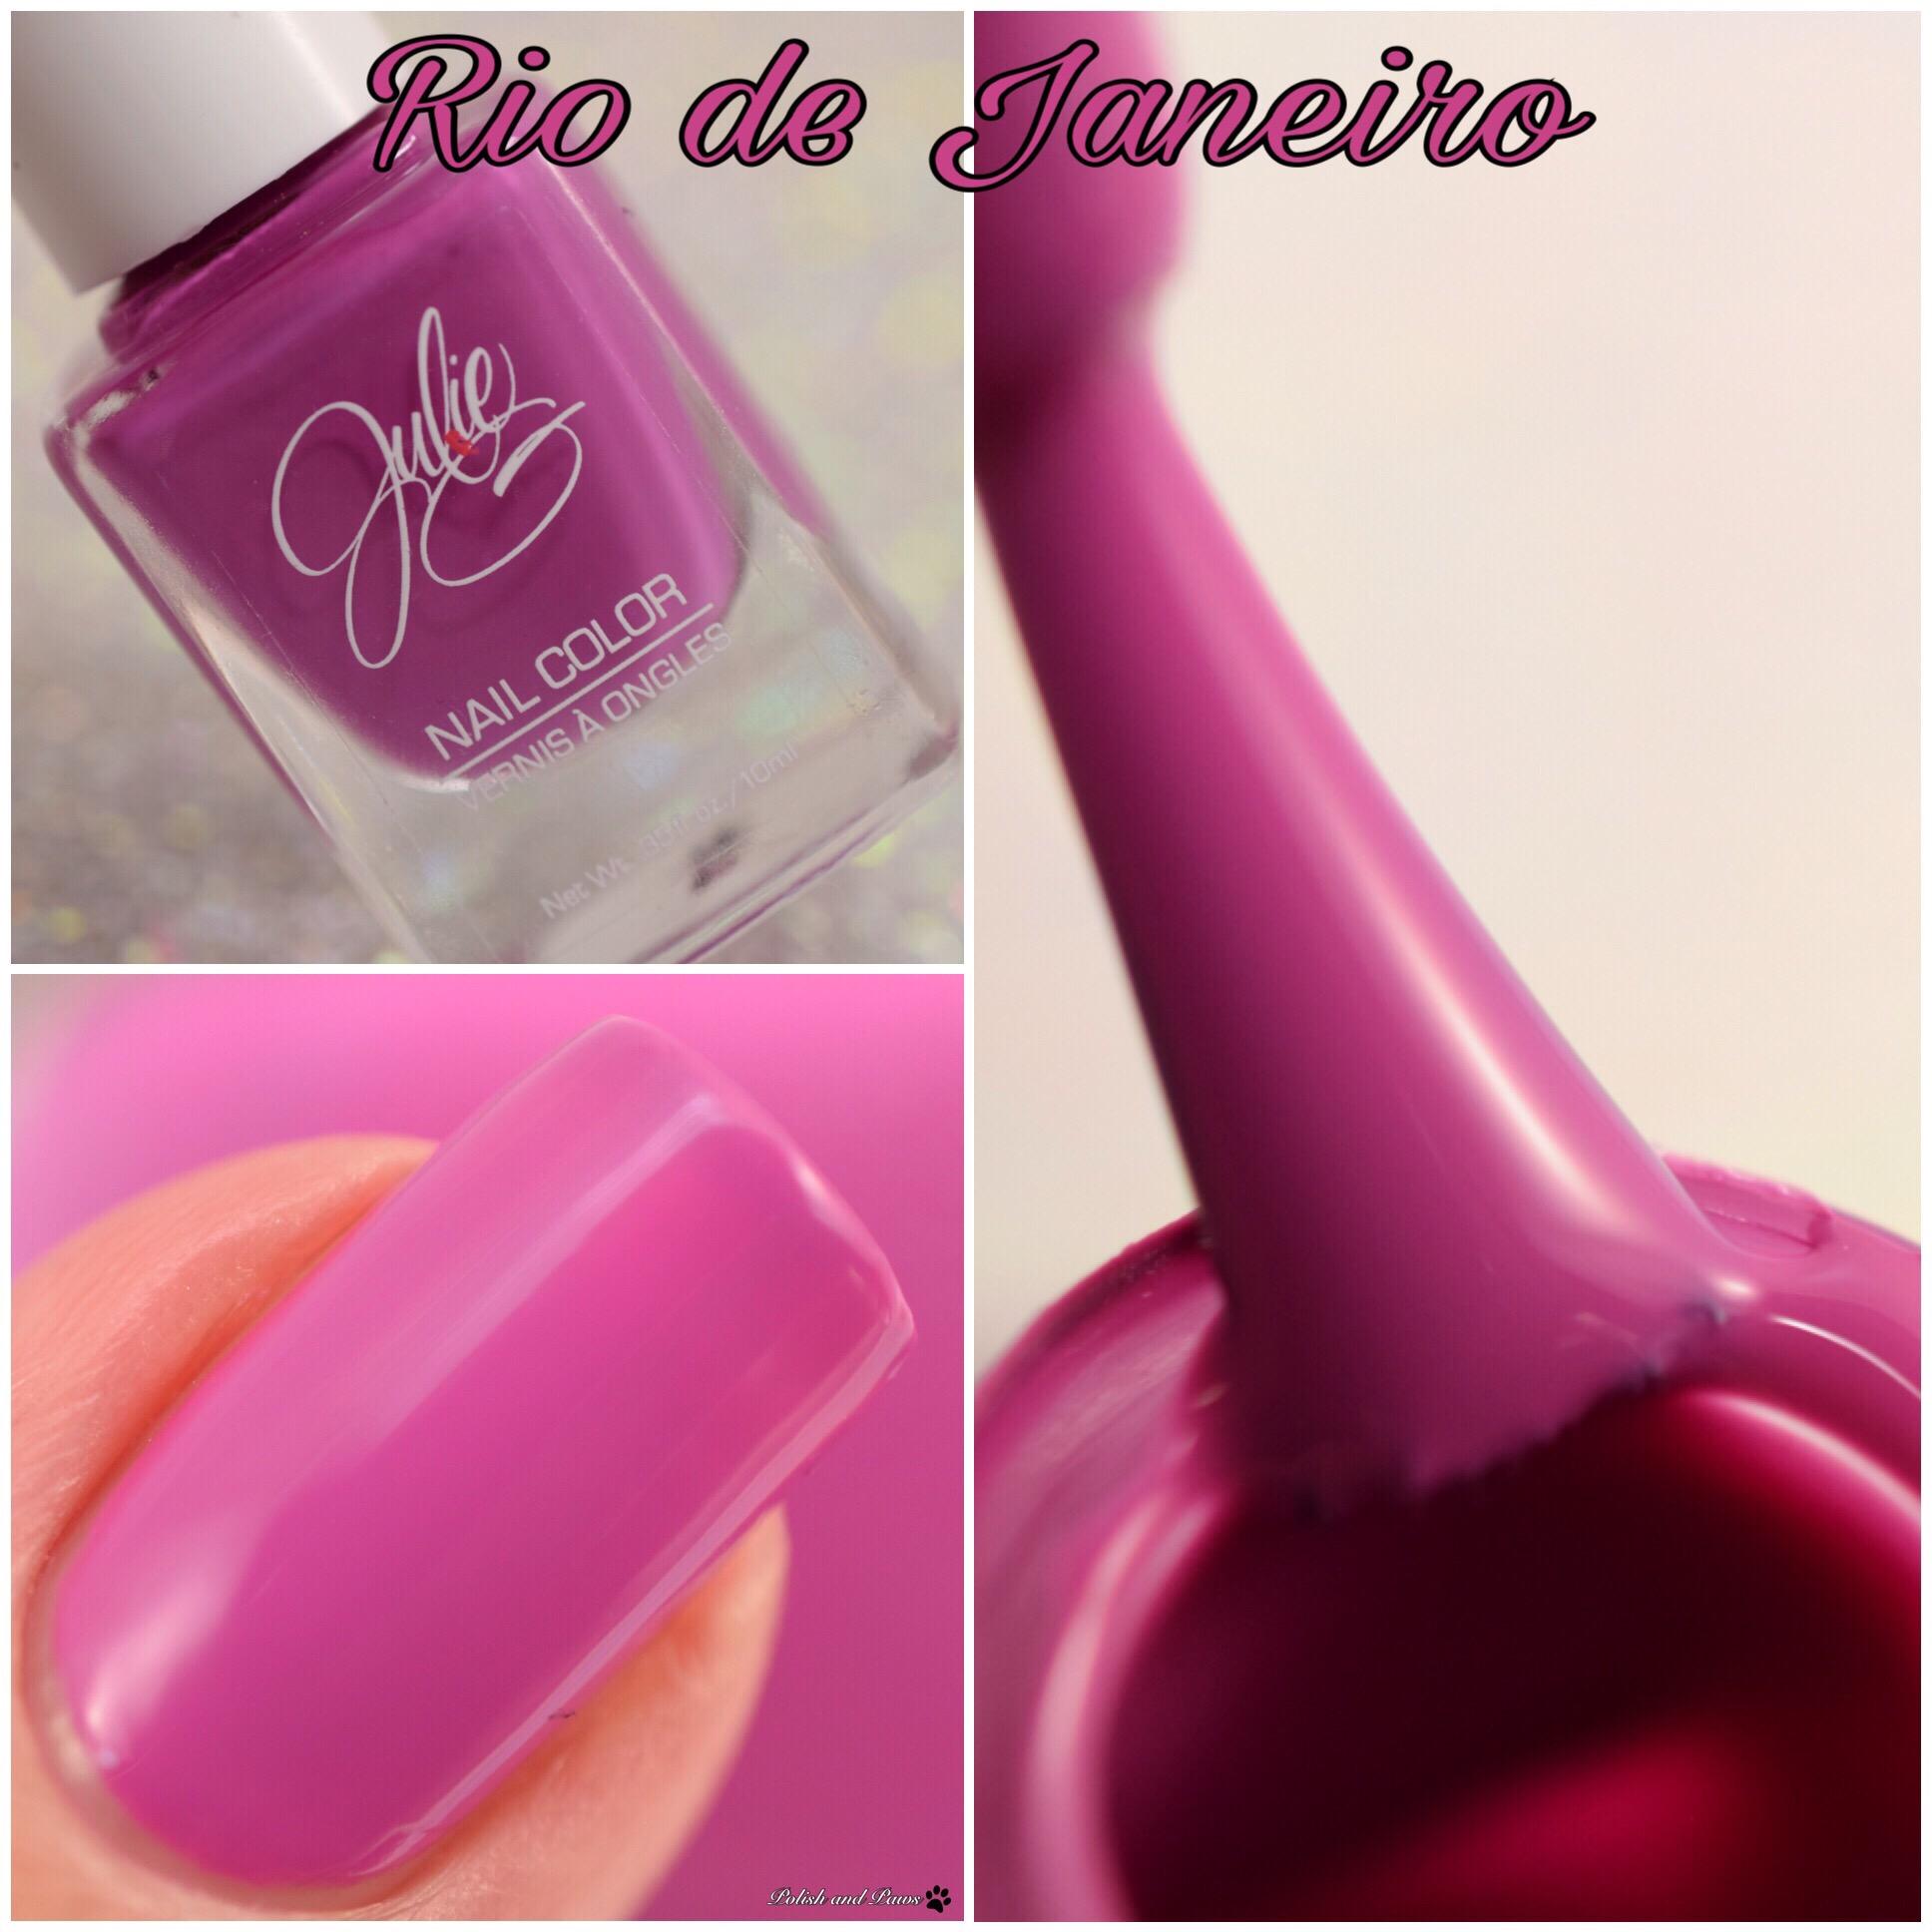 Julie G Rio de Janeiro